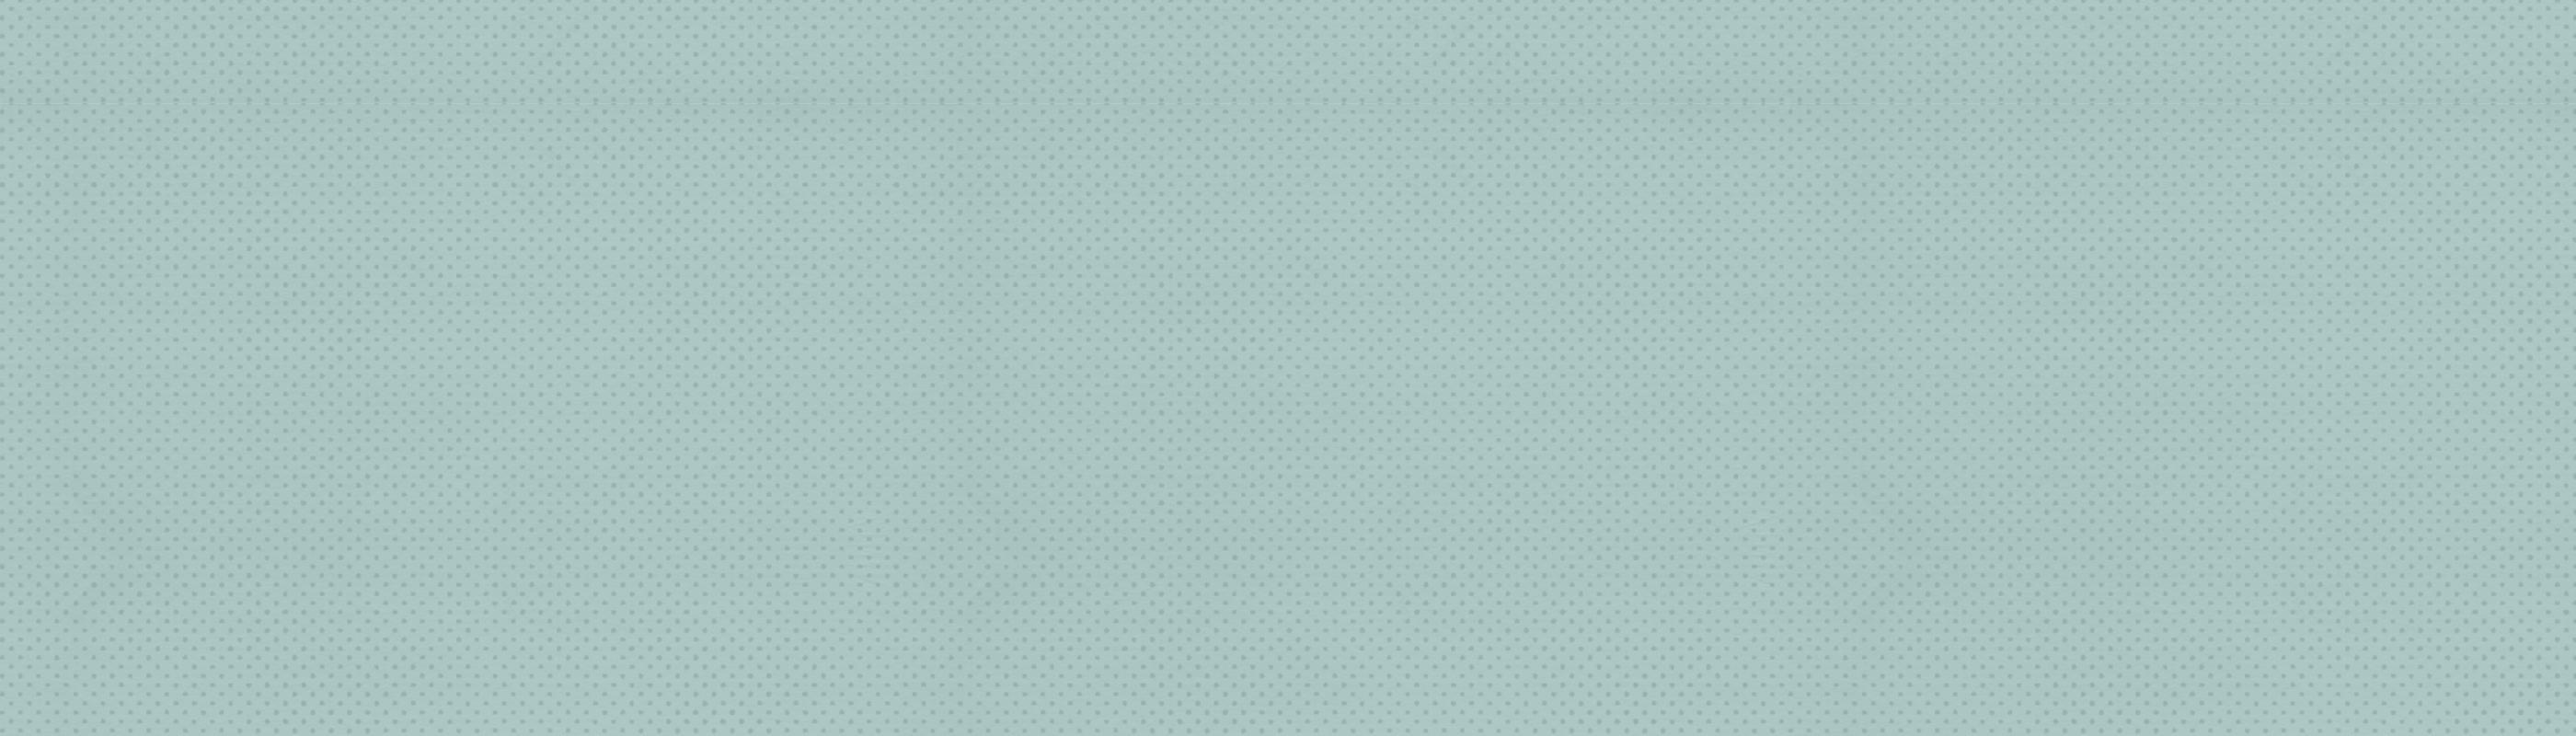 BG-bolletjes-blauwgroen